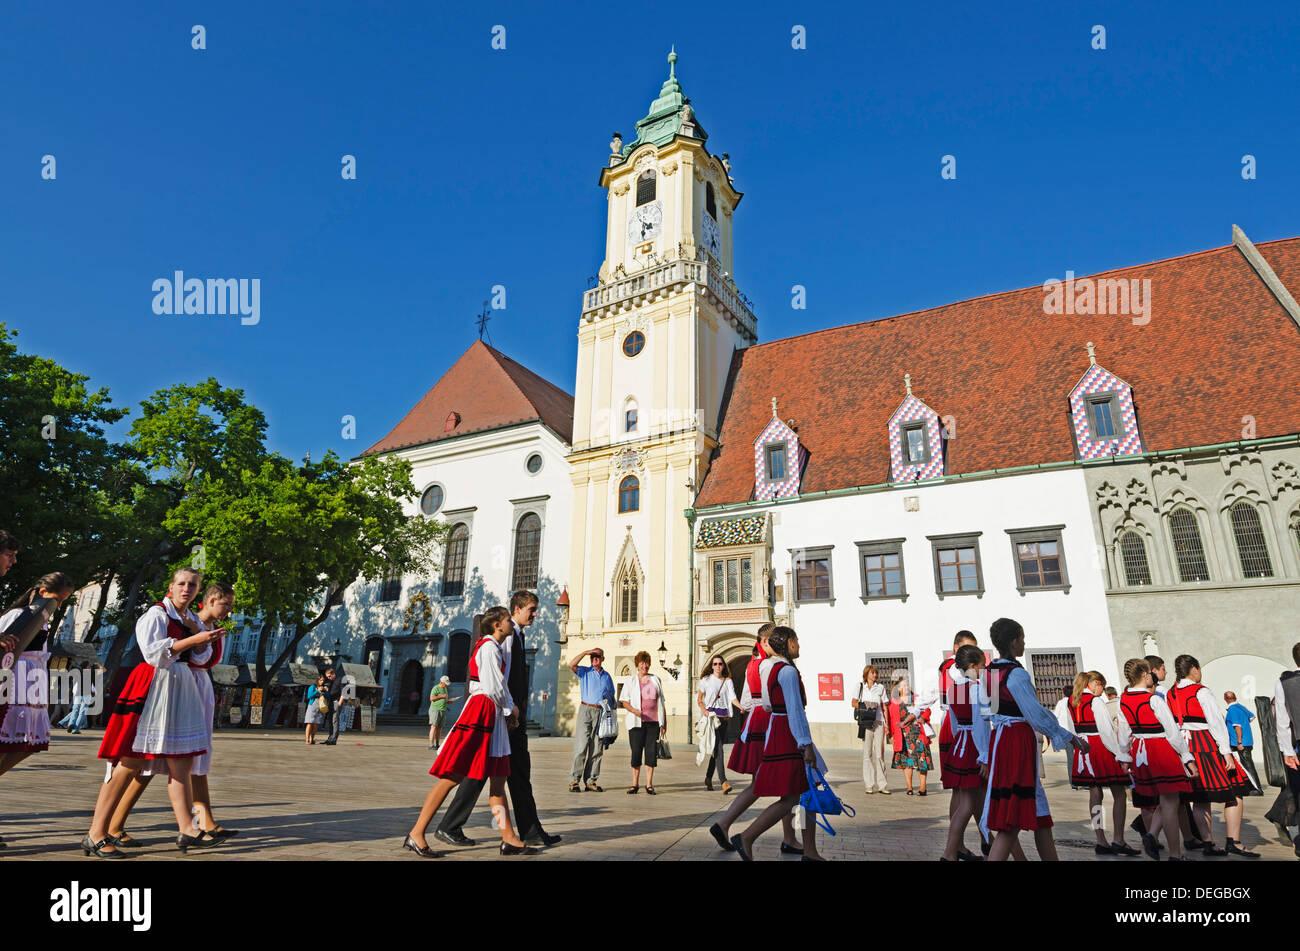 Kinder in Tracht auf dem Hauptplatz, altes Rathaus Stadtmuseum aus dem Jahre 1421, Bratislava, Slowakei Stockbild